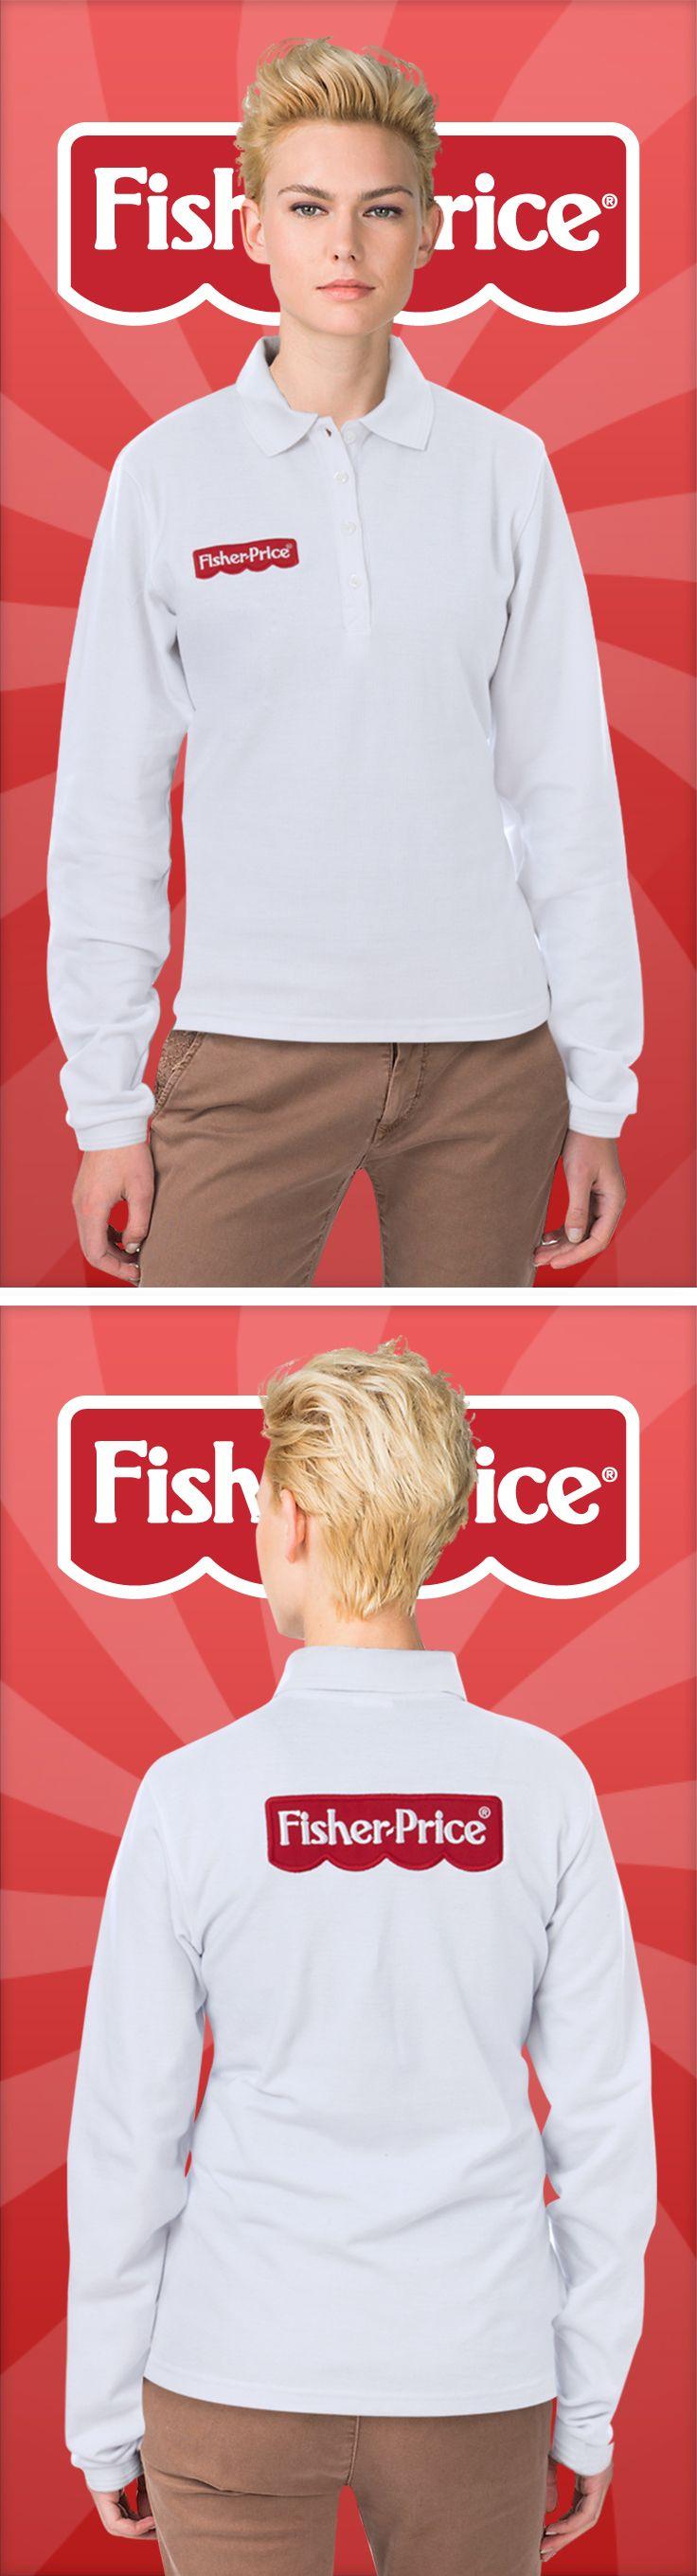 #Dhune #Mattel #Fisherprice